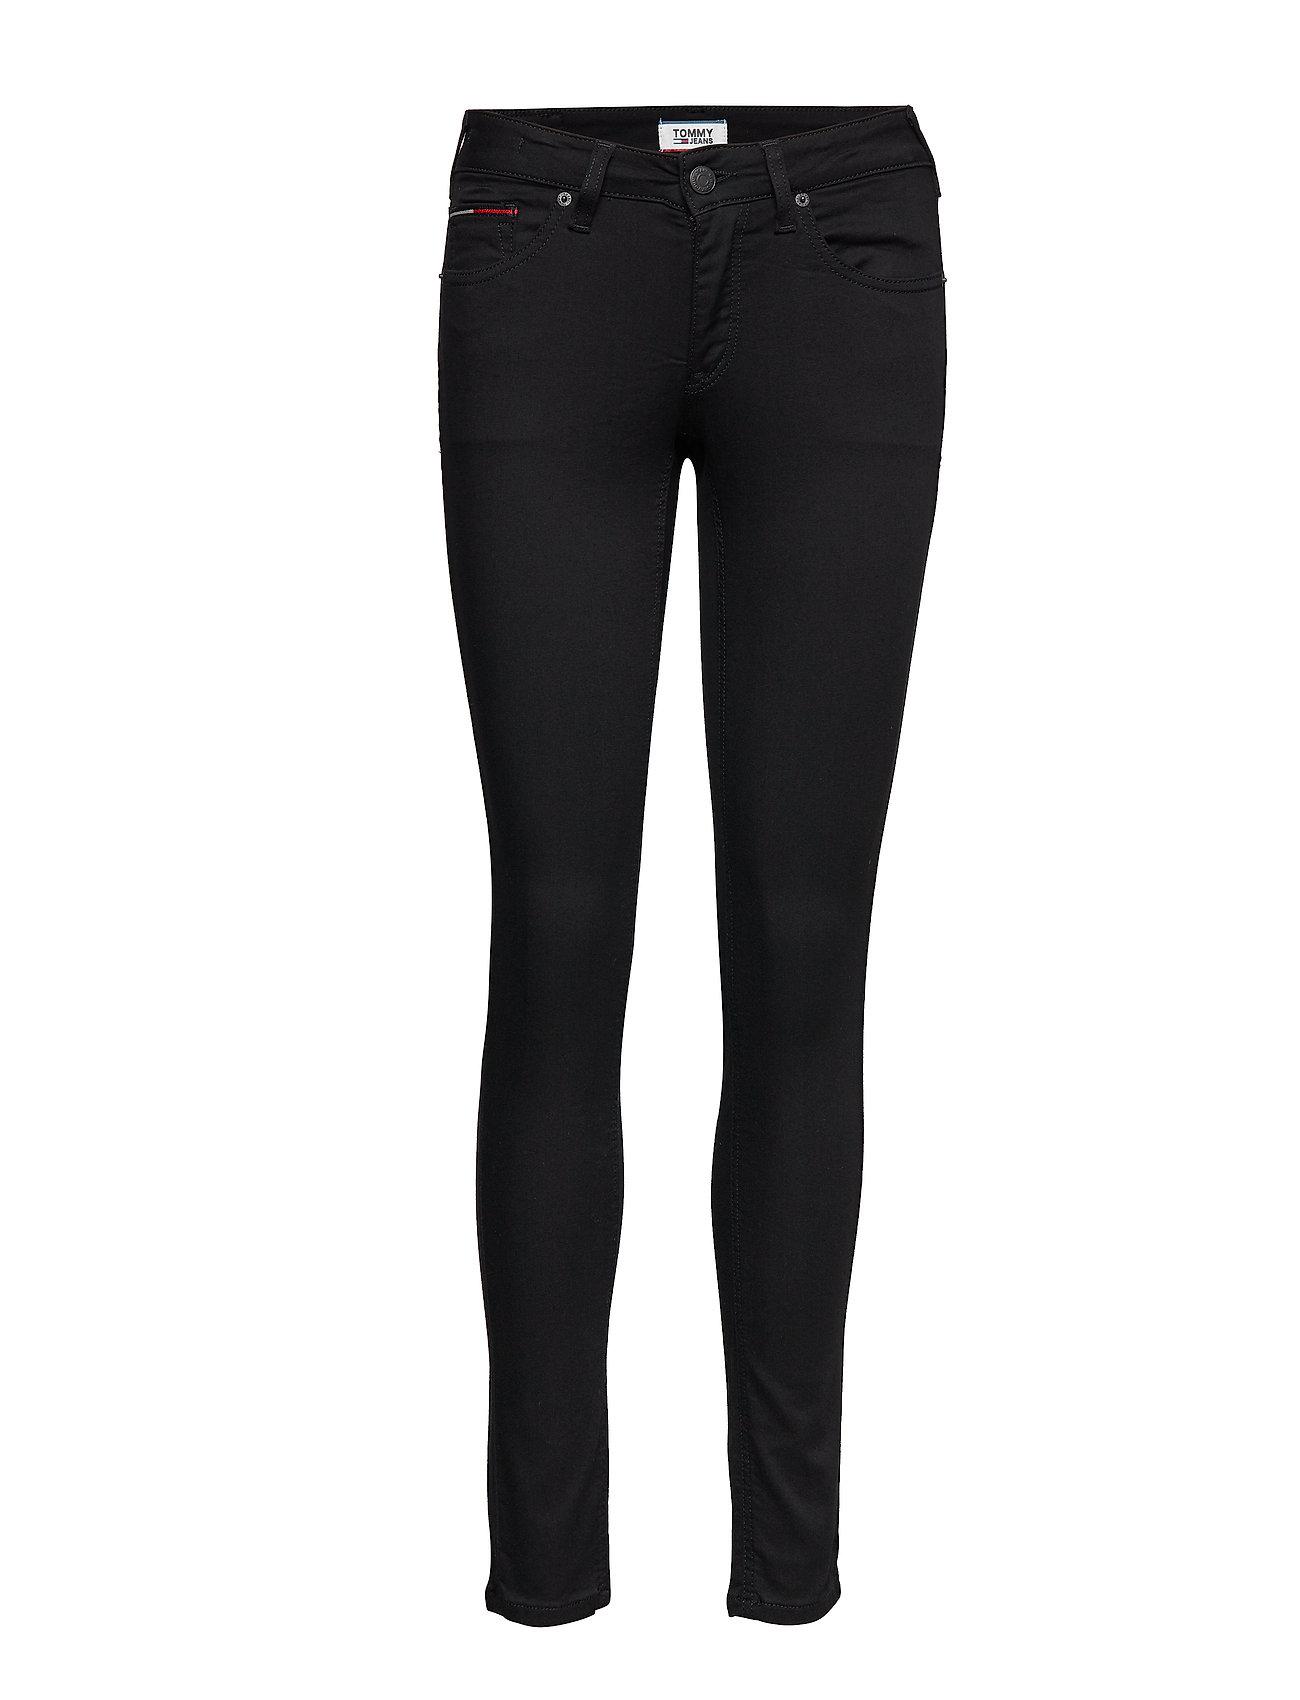 Low Black Skinny StretchTommy Jeans Rise Sophdana jSMGUVzLqp